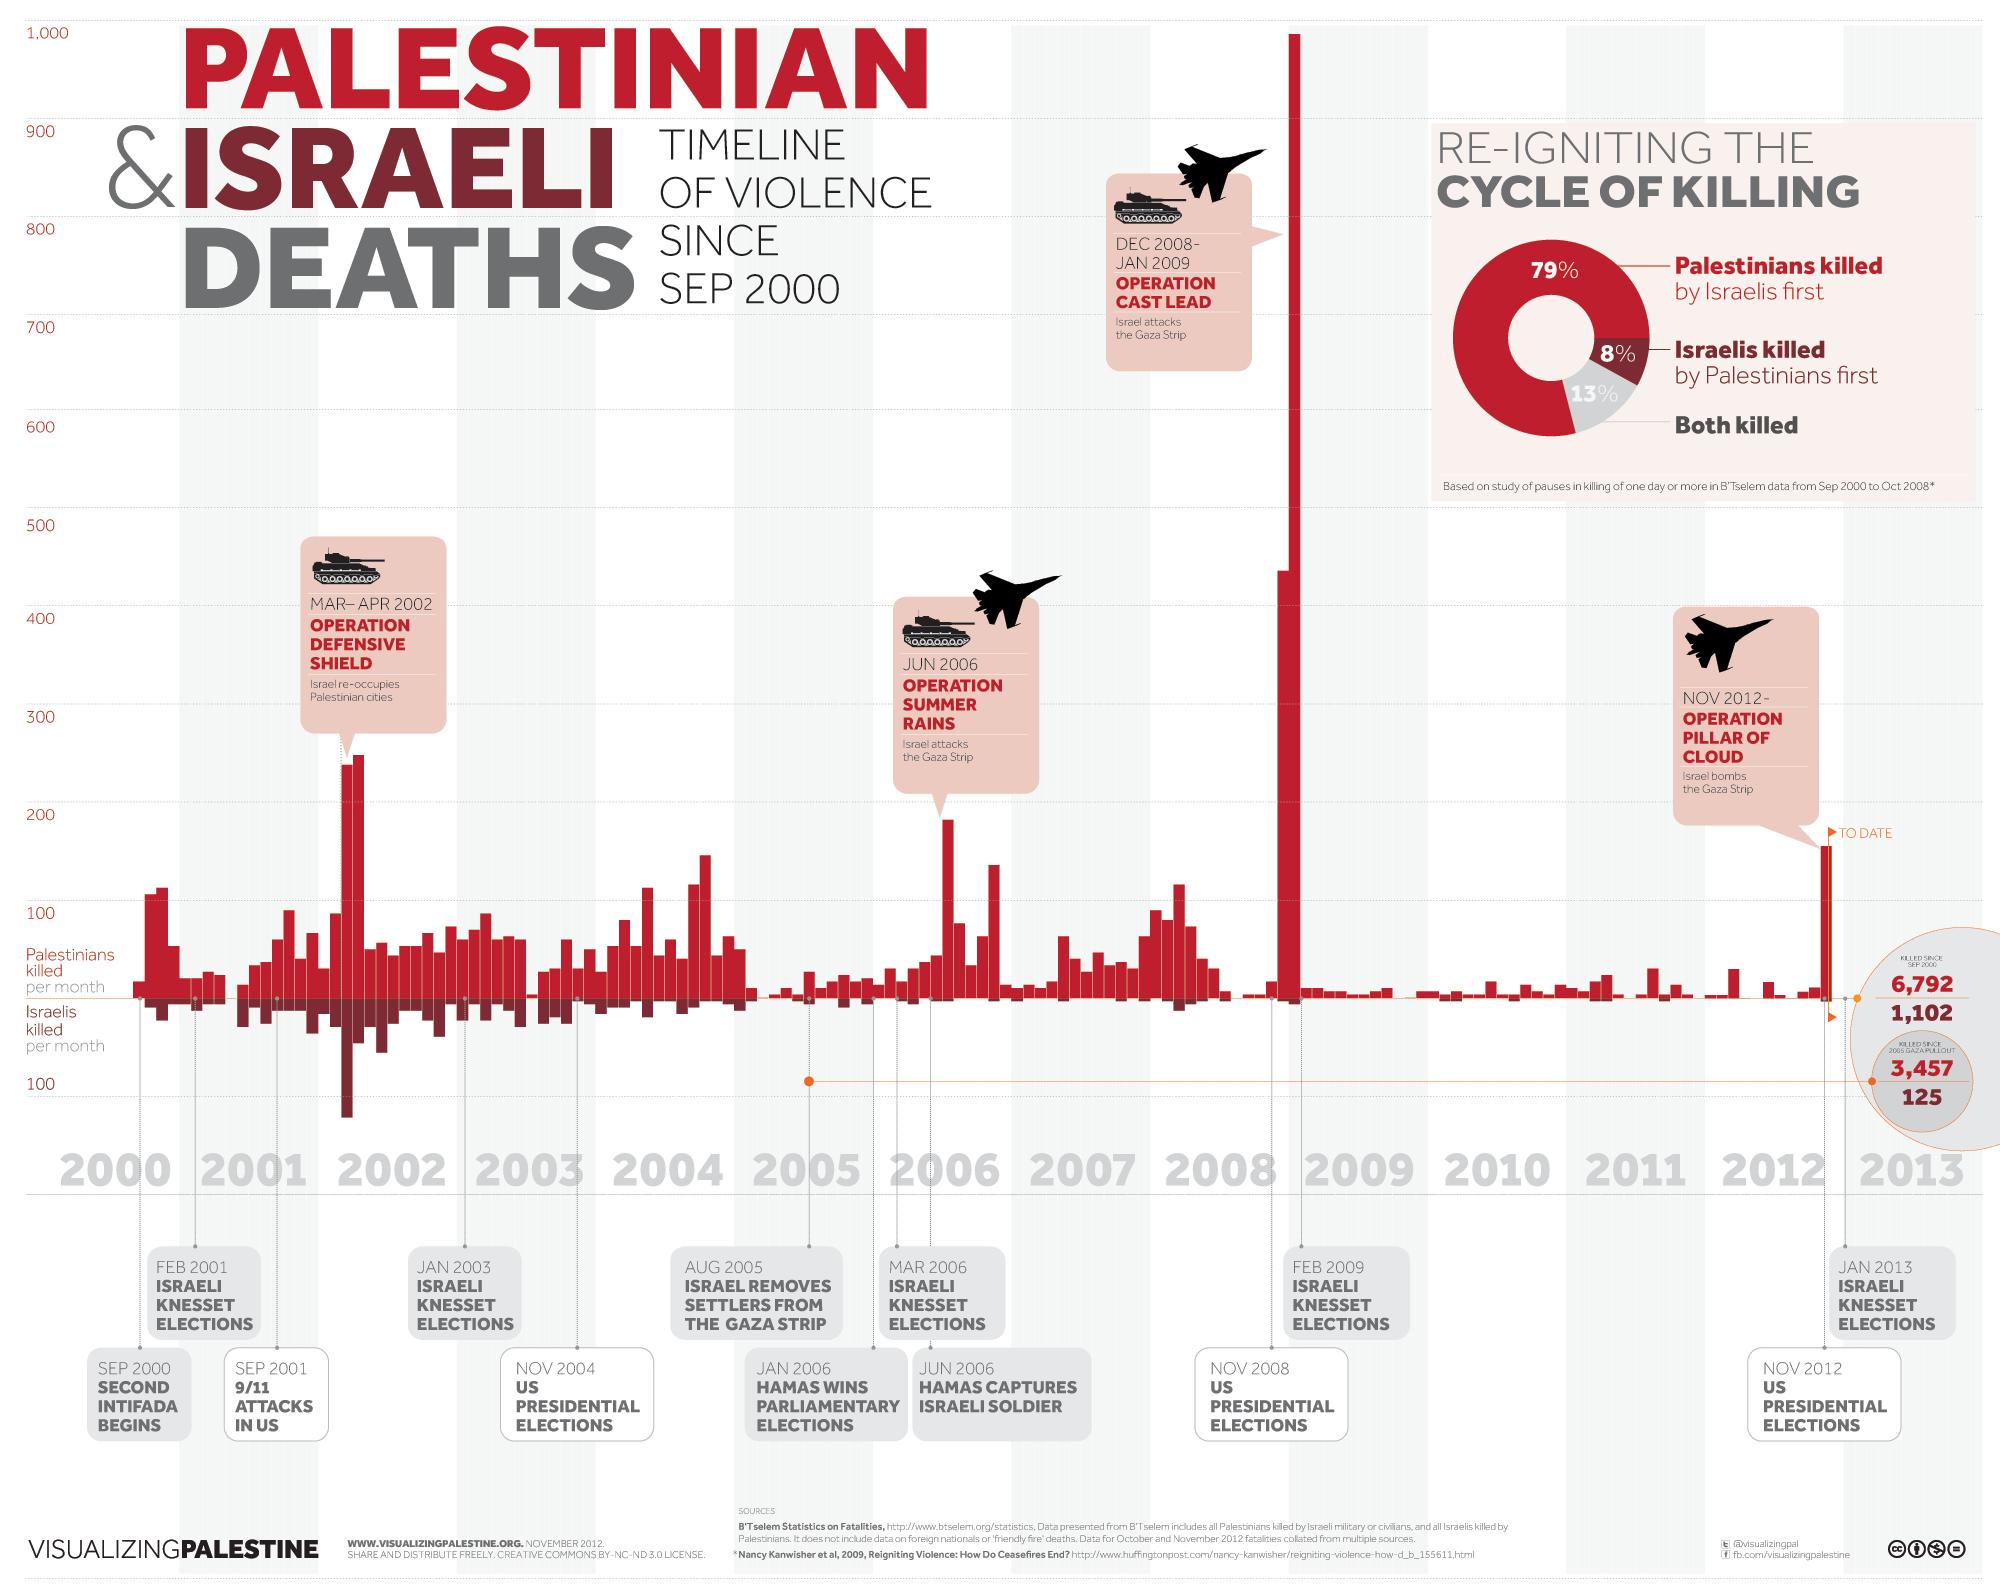 vp-violence-timeline-2012-11-23_0